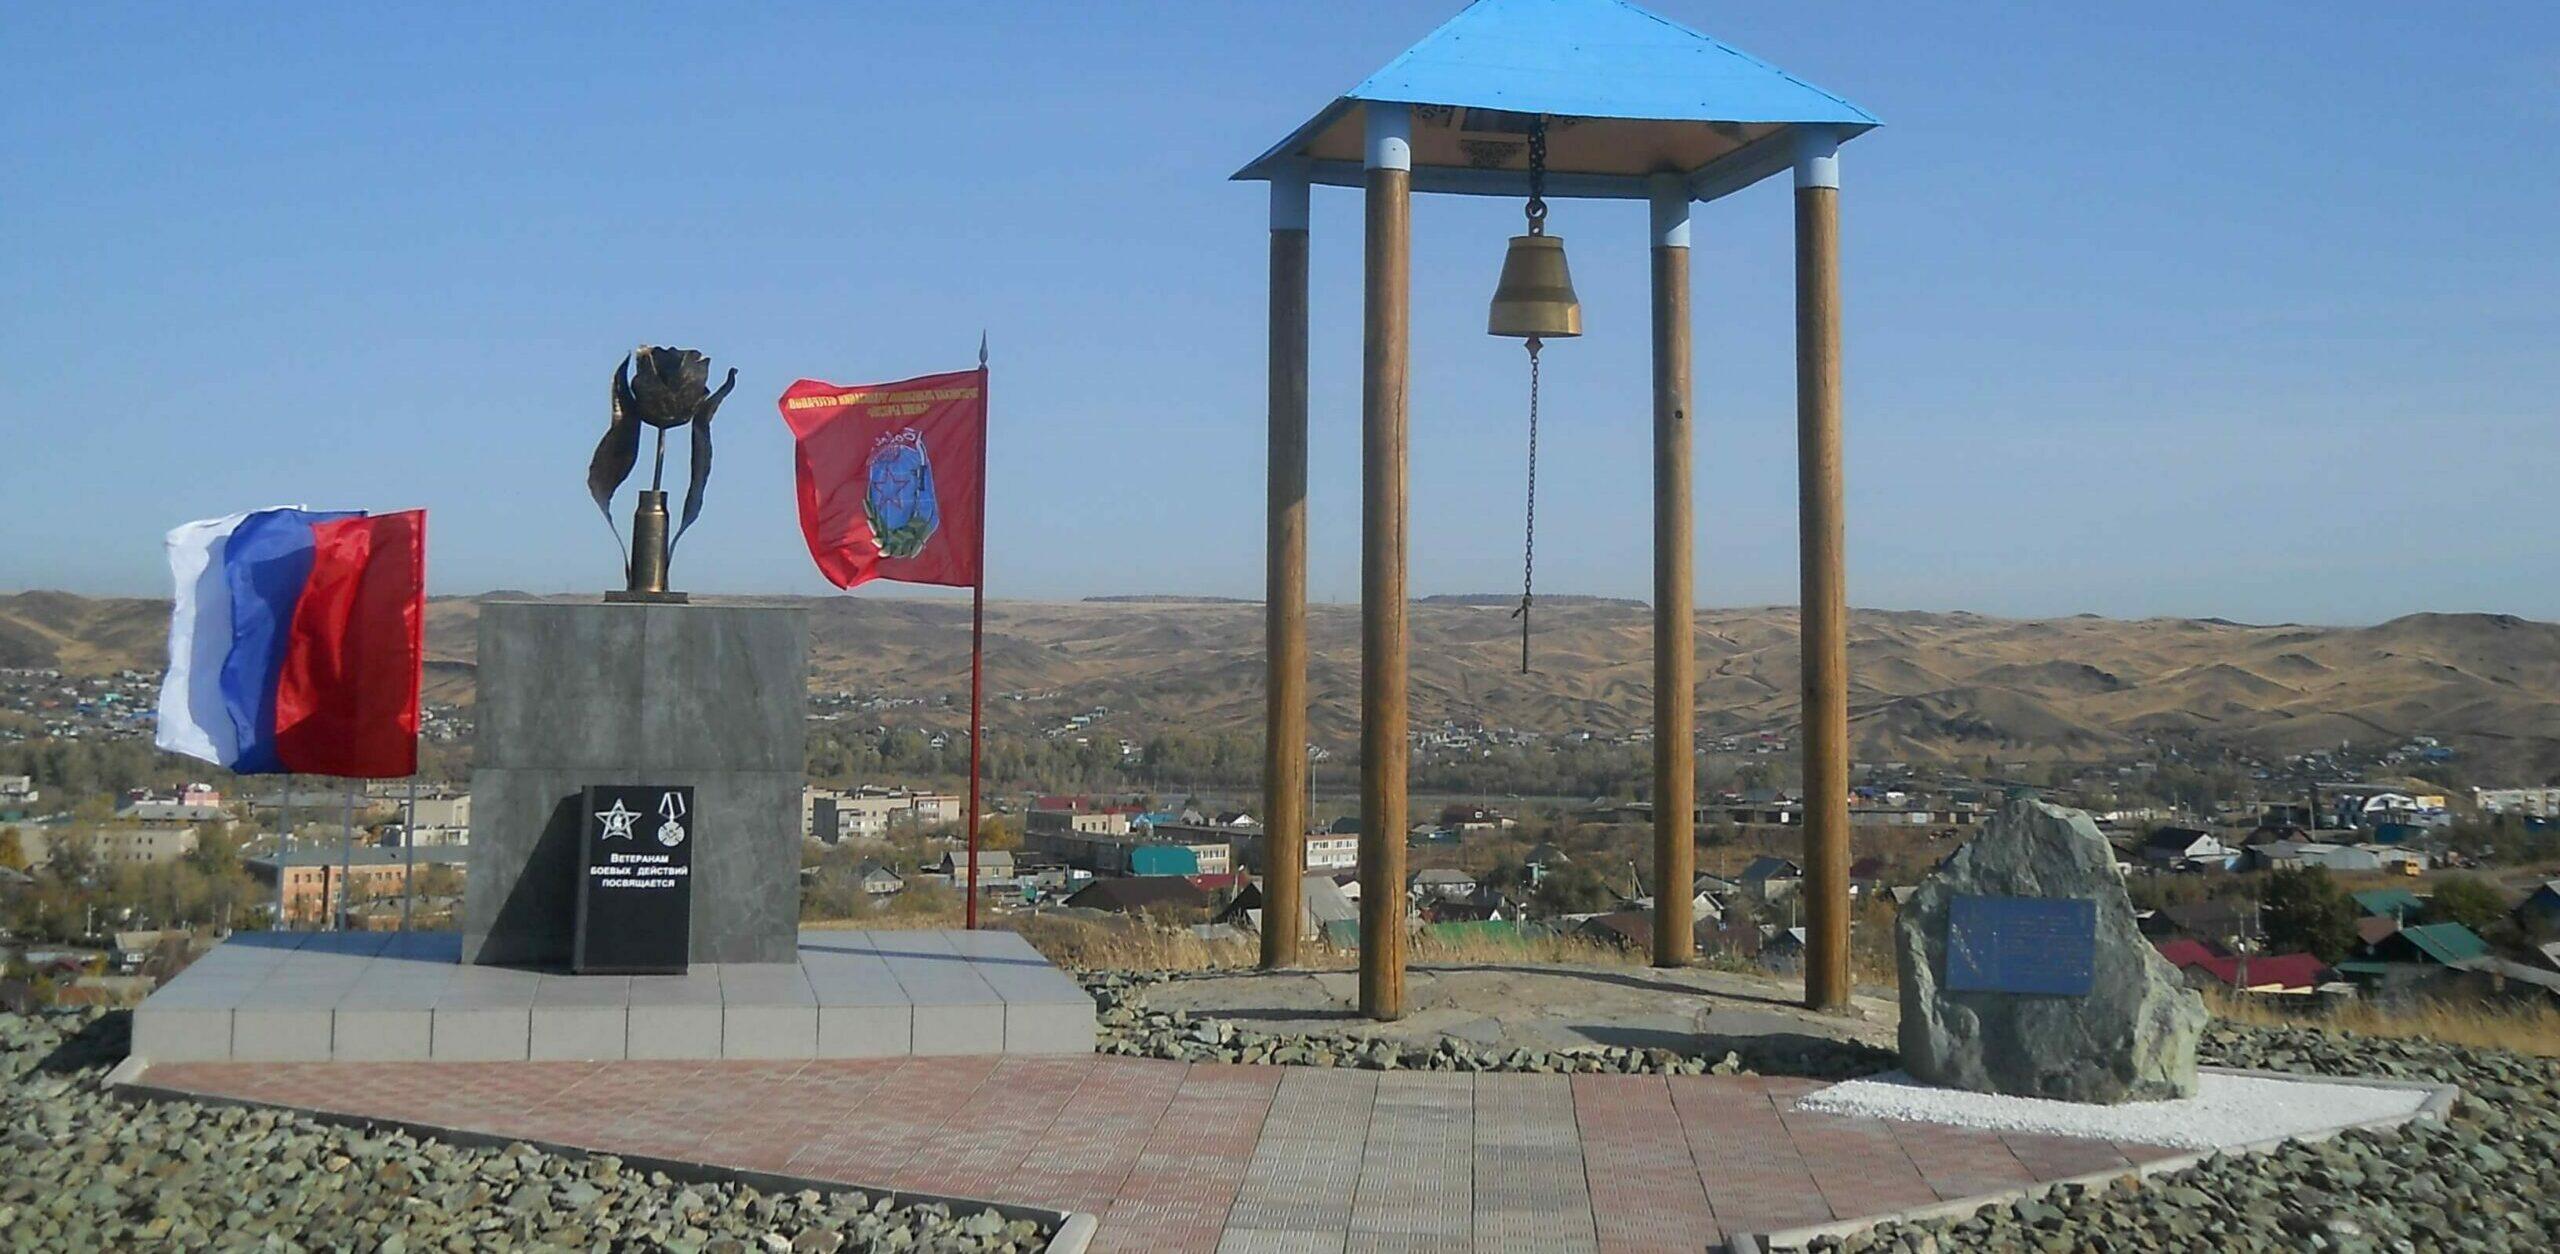 Мемориал «Колокол памяти» в Медногорске (Оренбургская область)